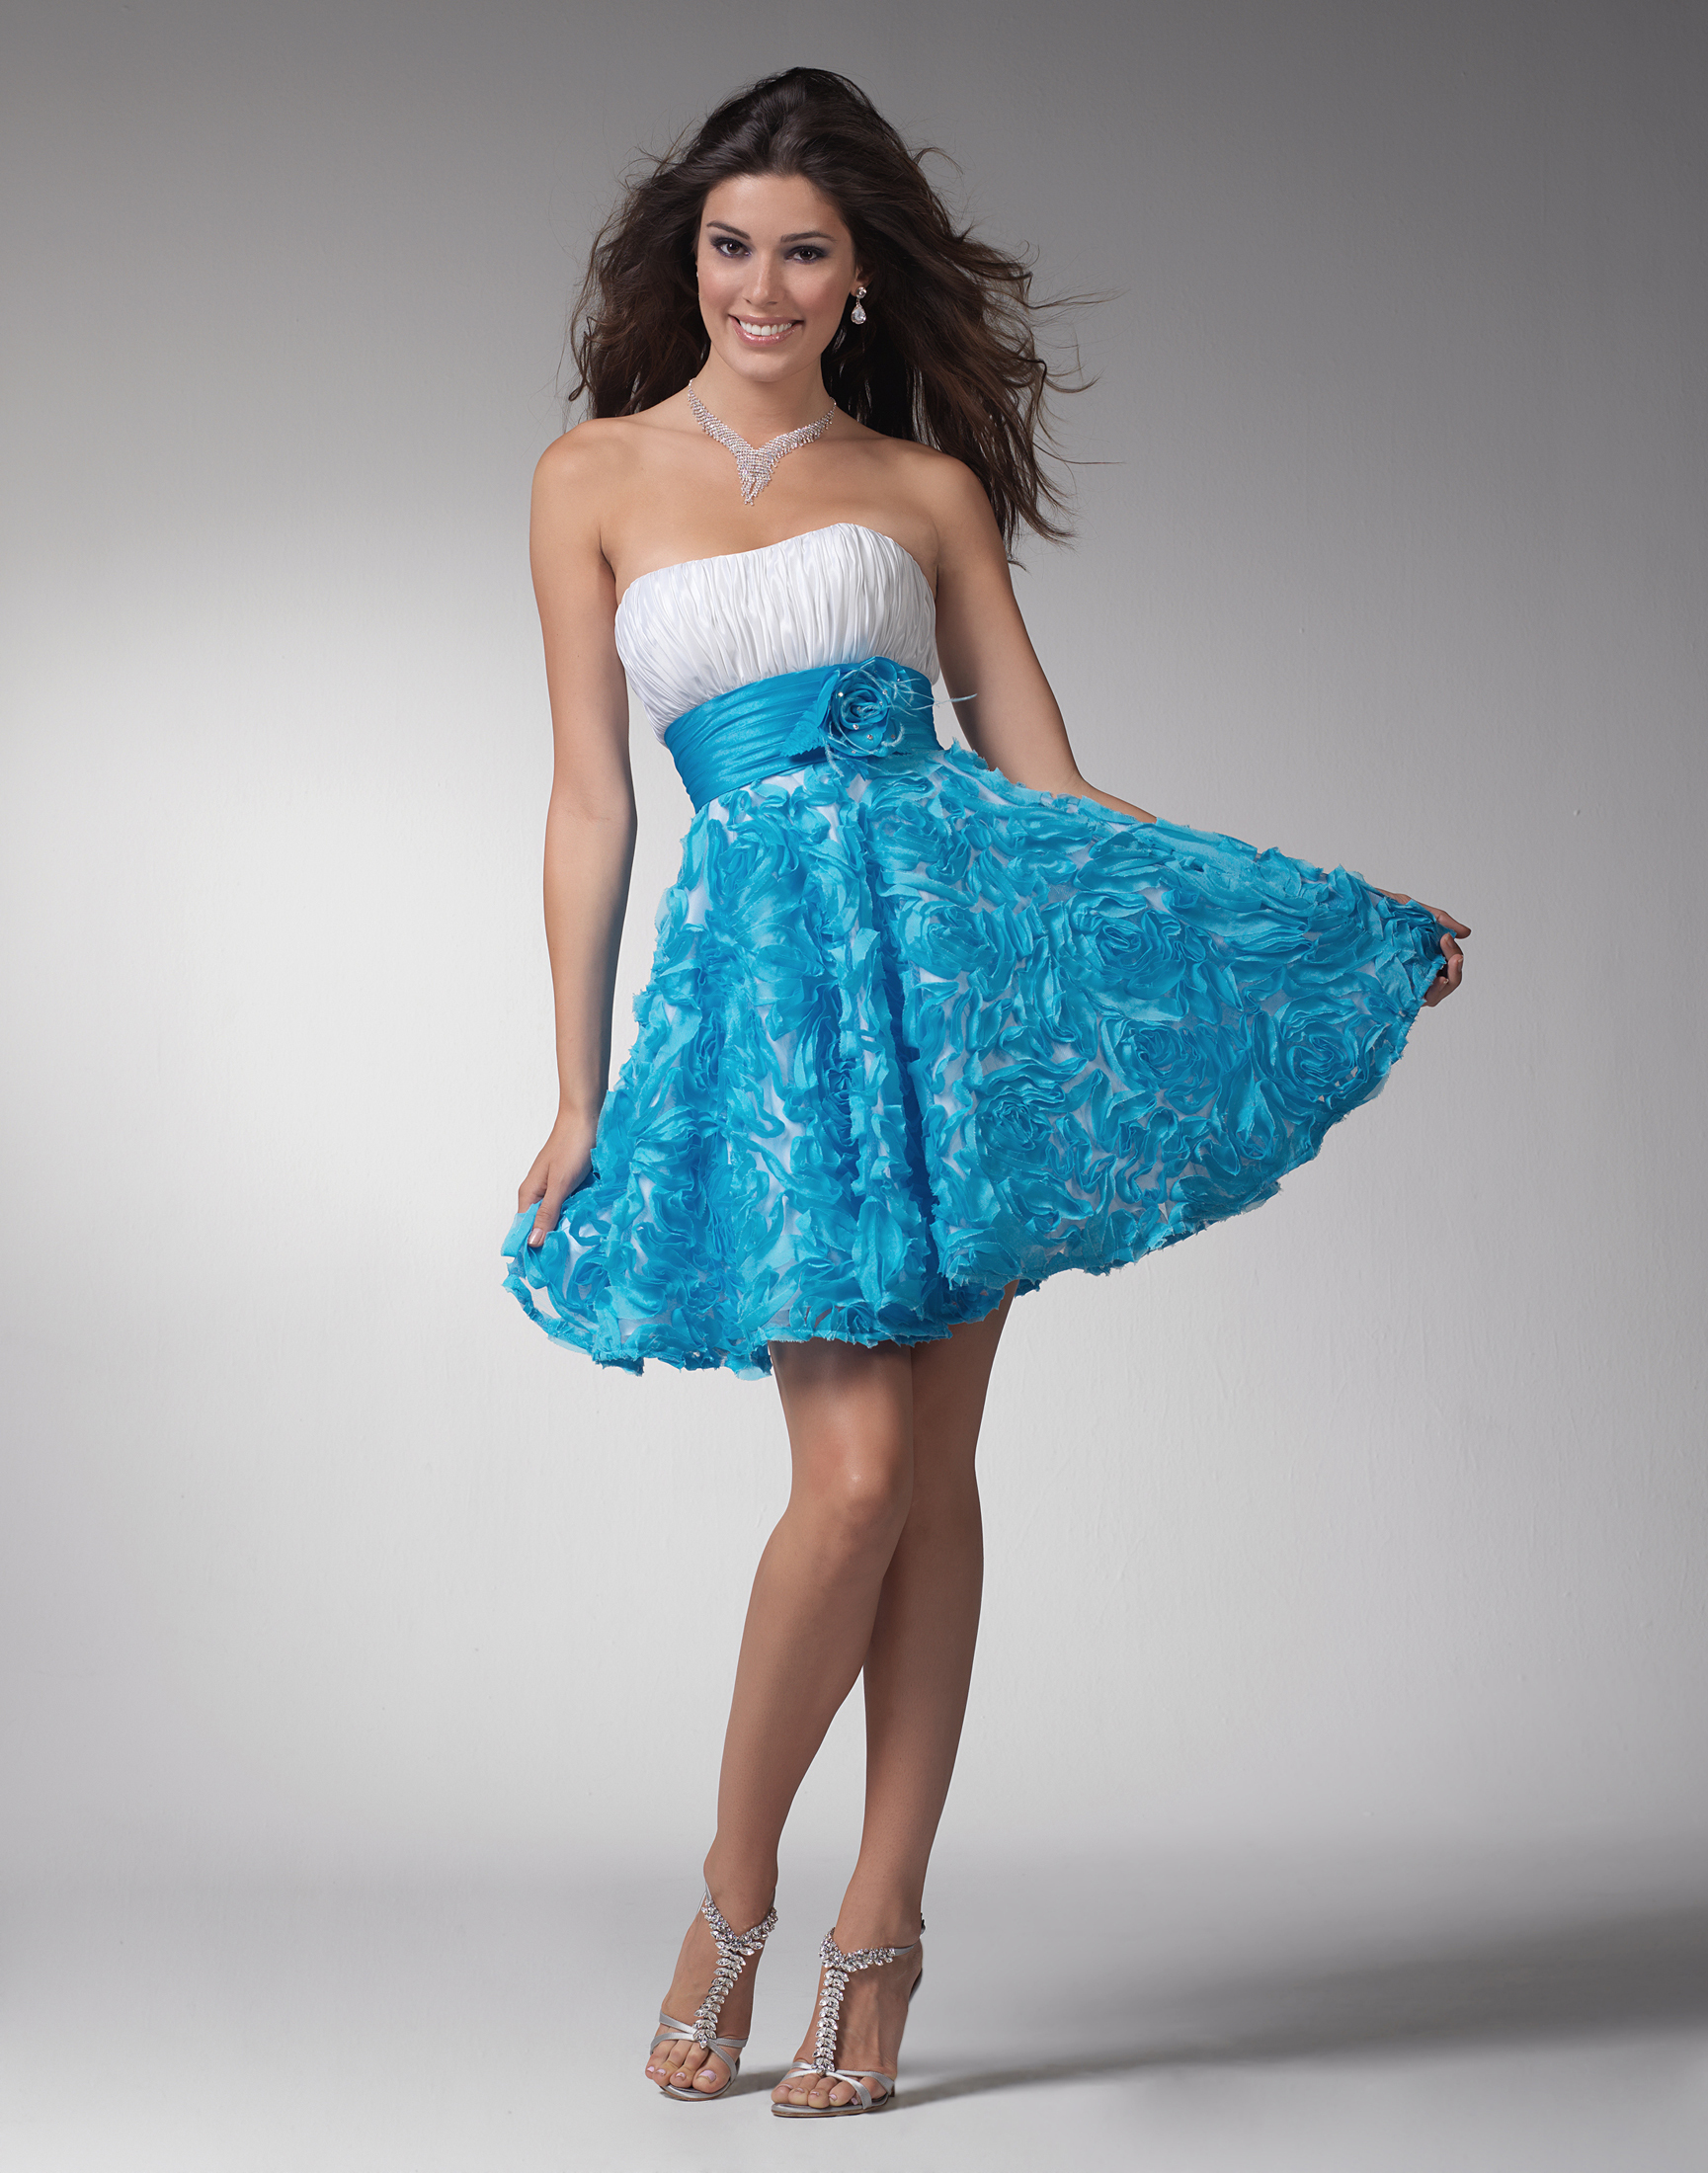 Фото девочка в платье коротком 10 фотография